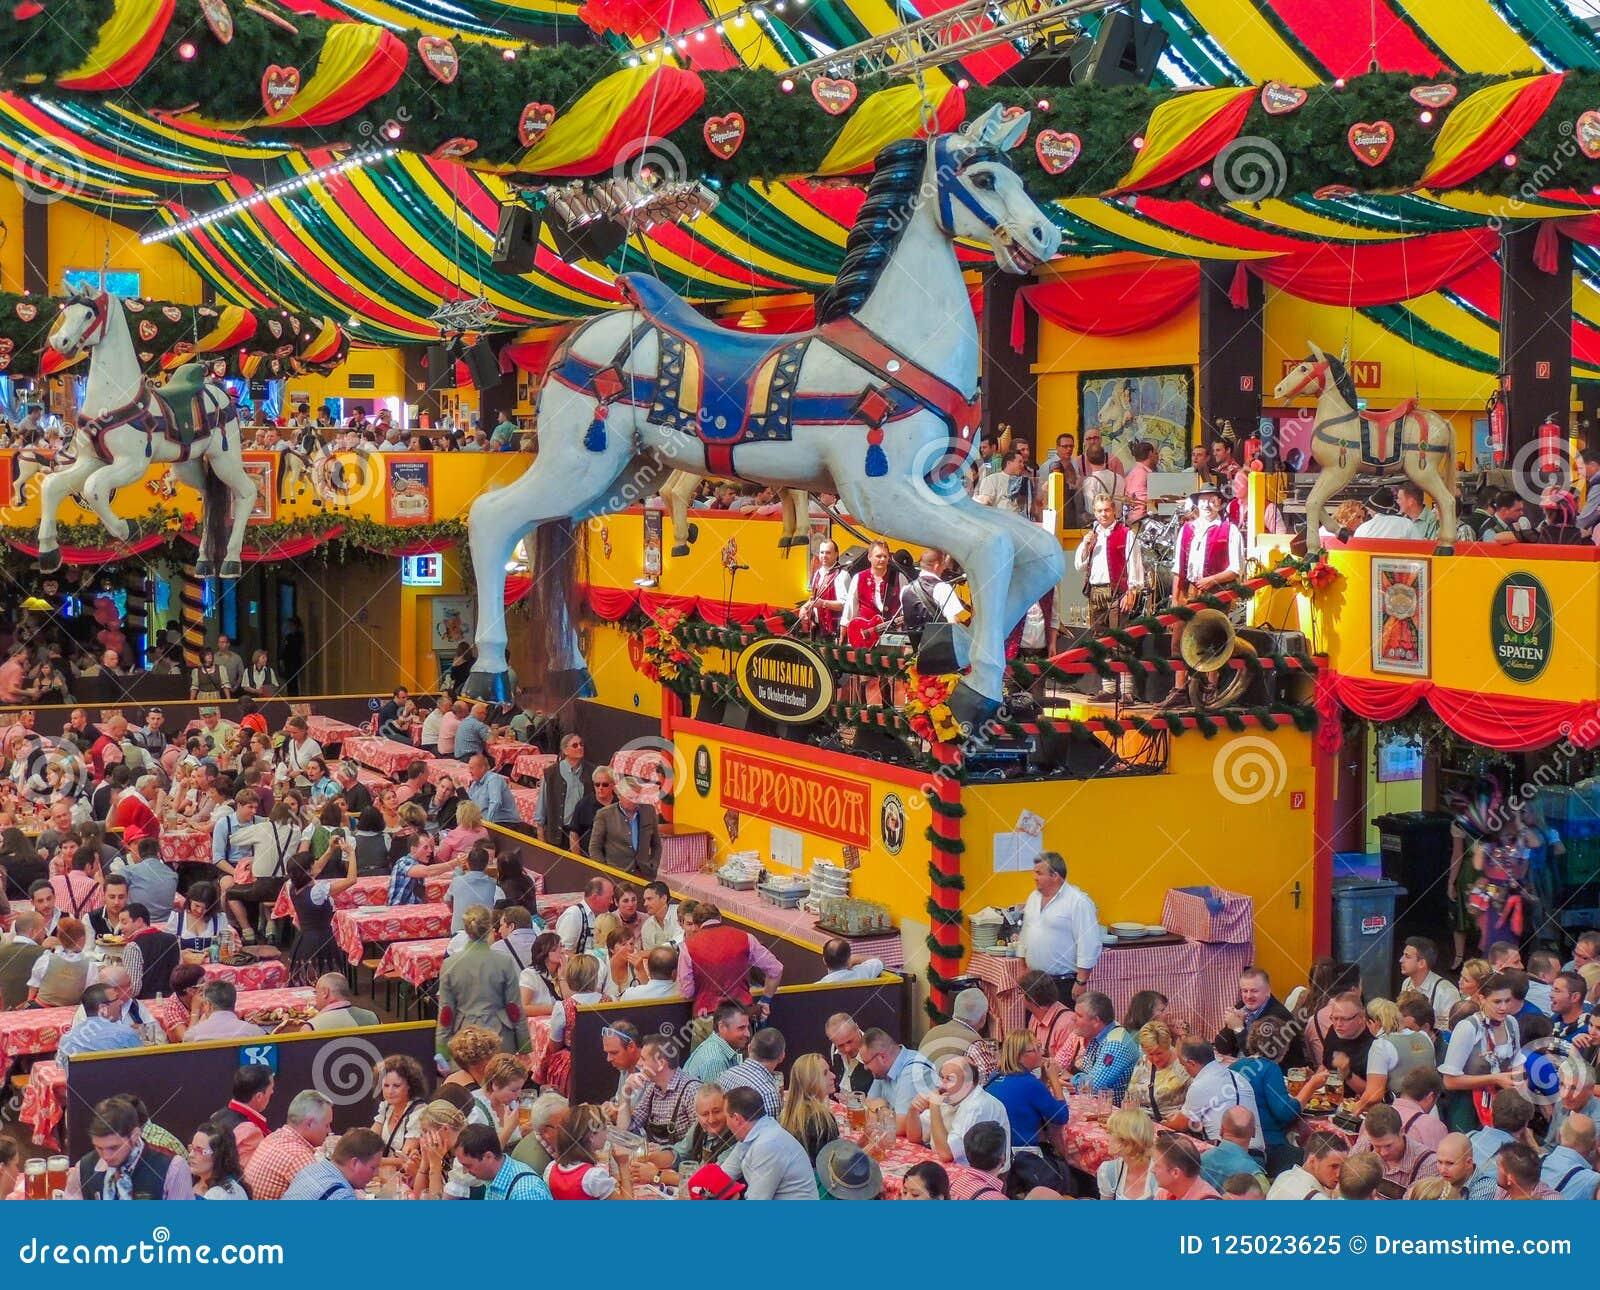 München, Duitsland - 23 September 2013 De tent van Oktoberfesthippodrom is verfraaid met cijfers van paard